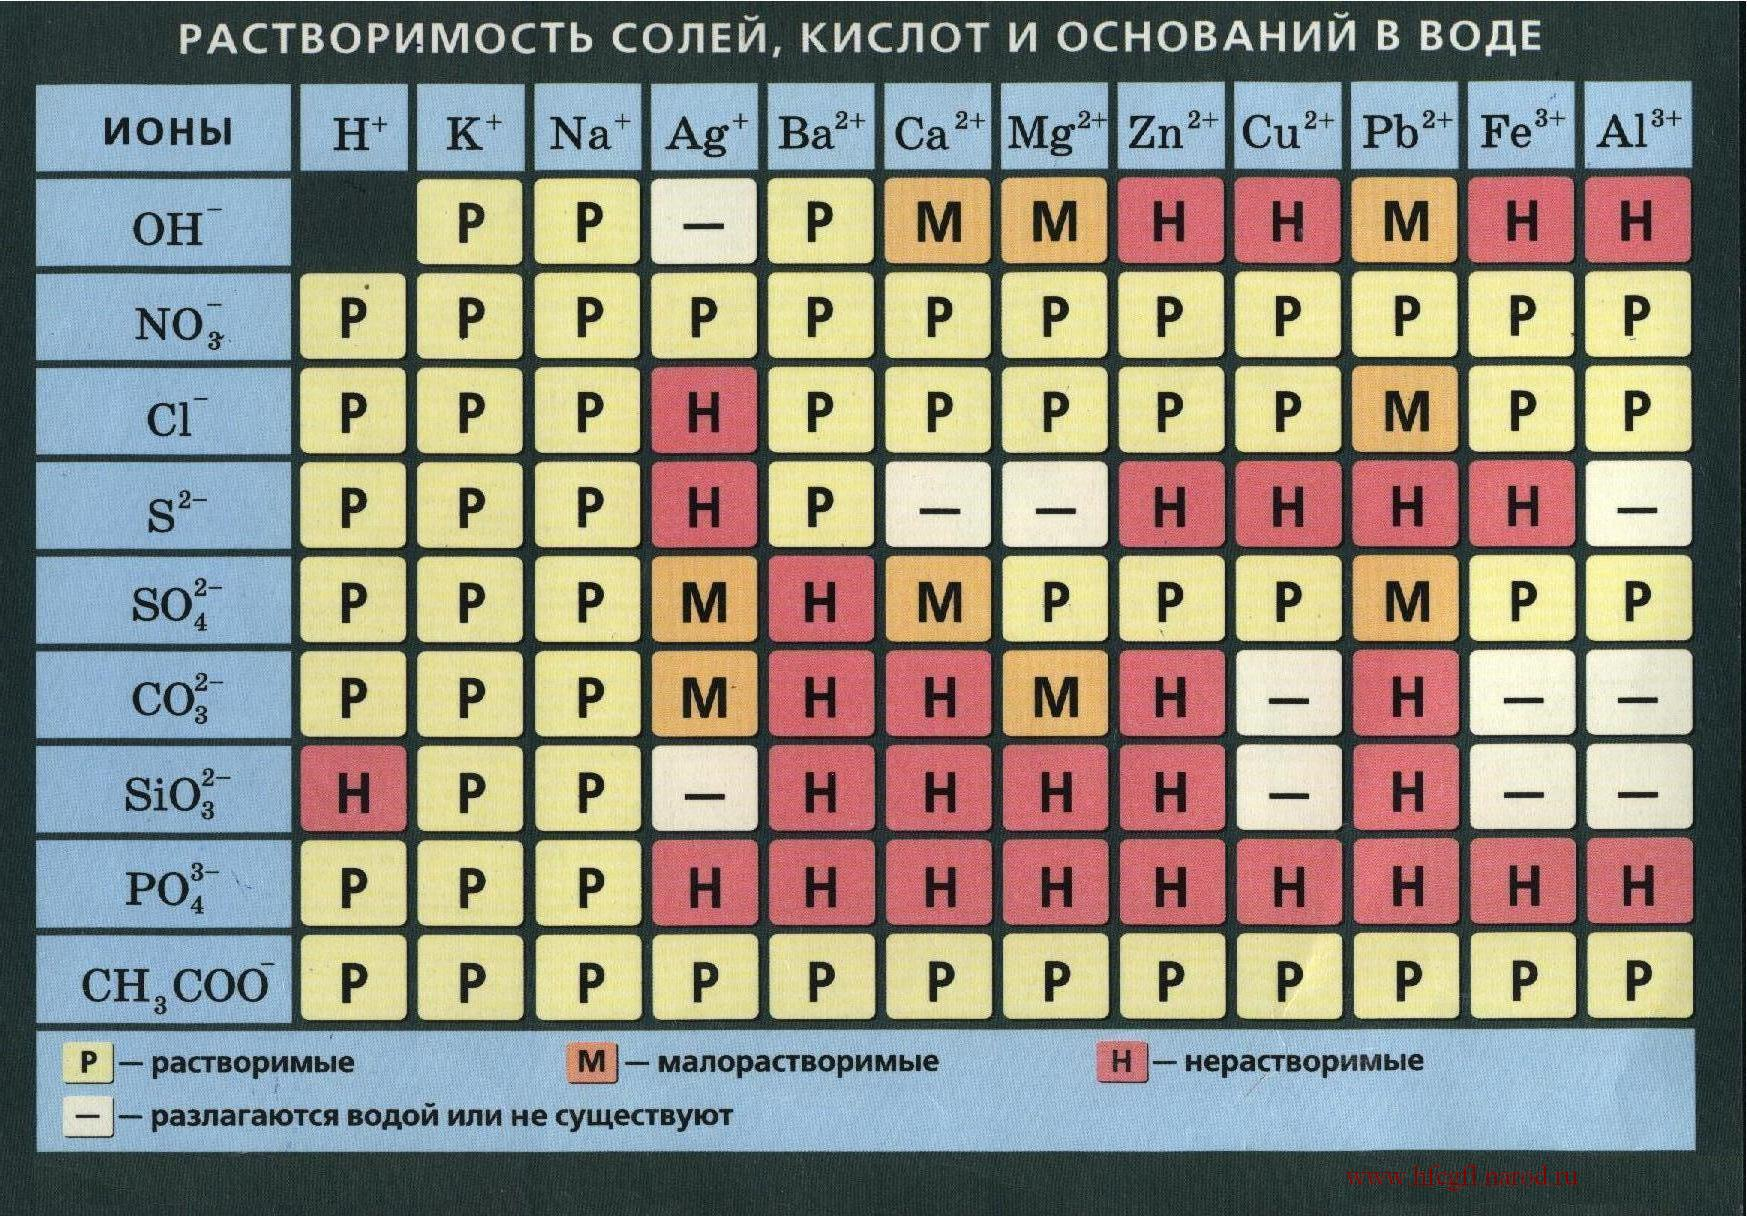 воде веществ таблица растворимости в